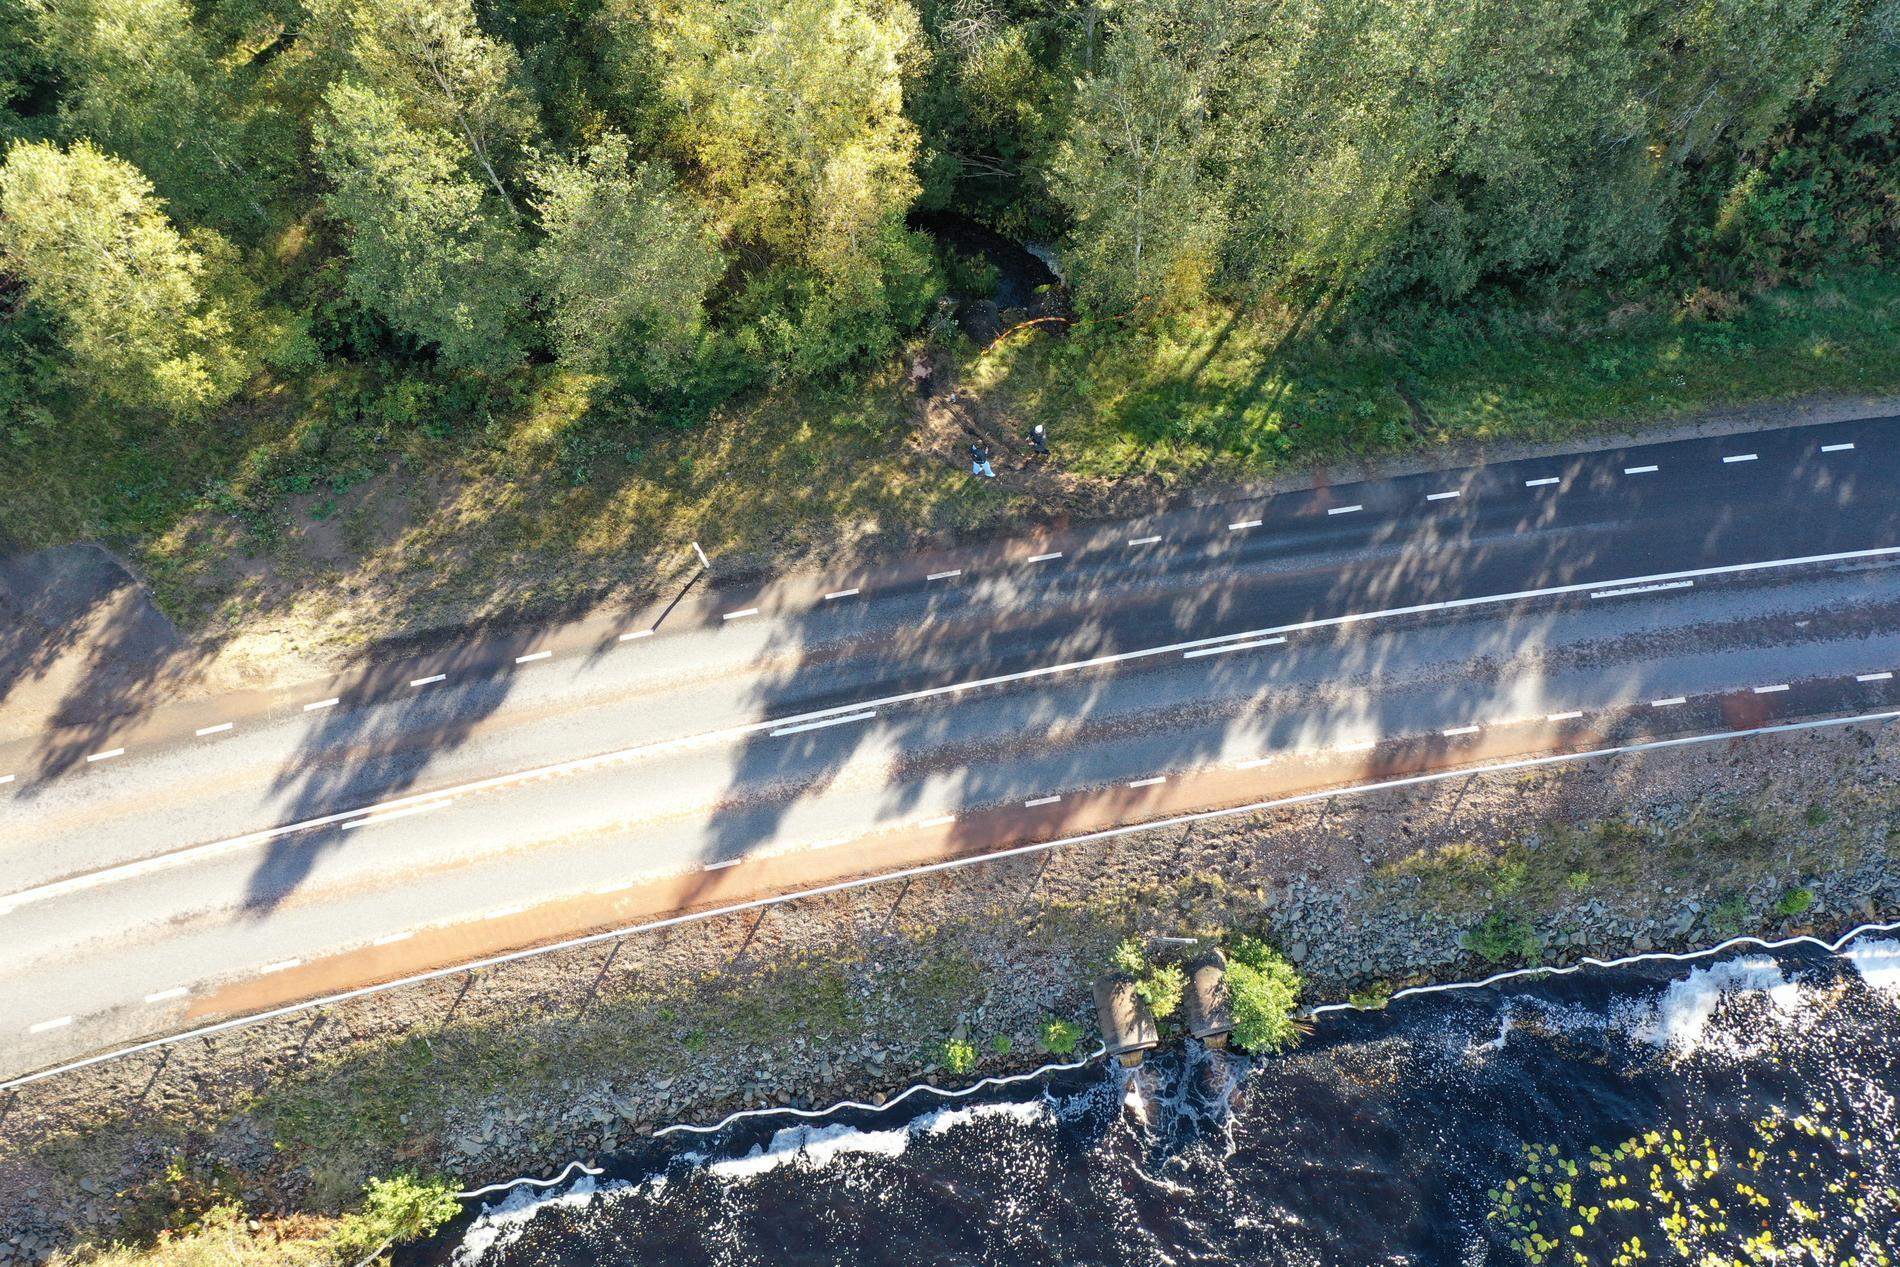 Boende i området vittnar om att det har hänt olyckor tidigare på vägen.